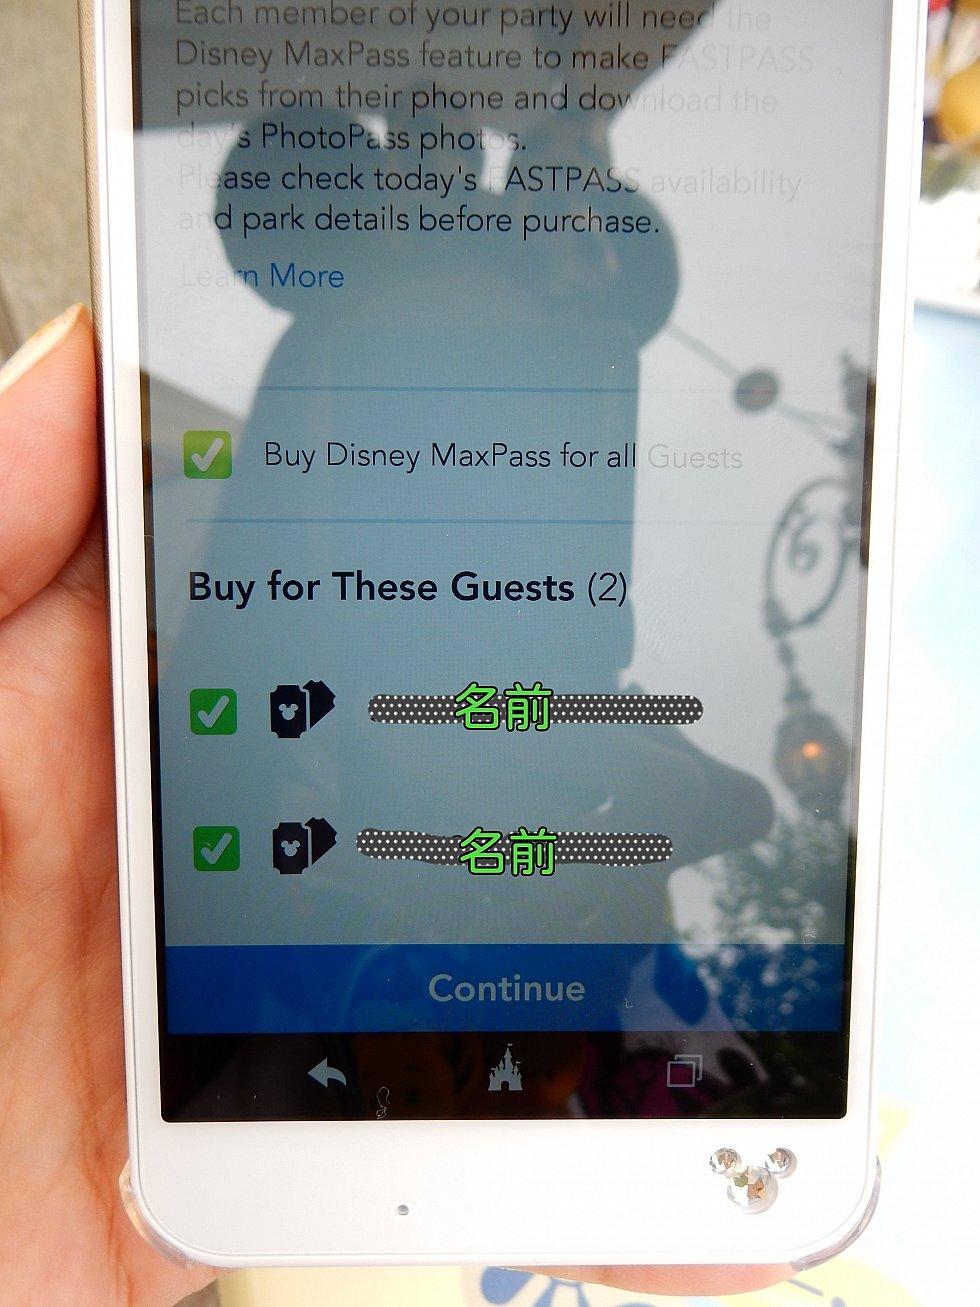 MaxPassを購入する人にチェックが入っていることを確認して『Continue』をタップ